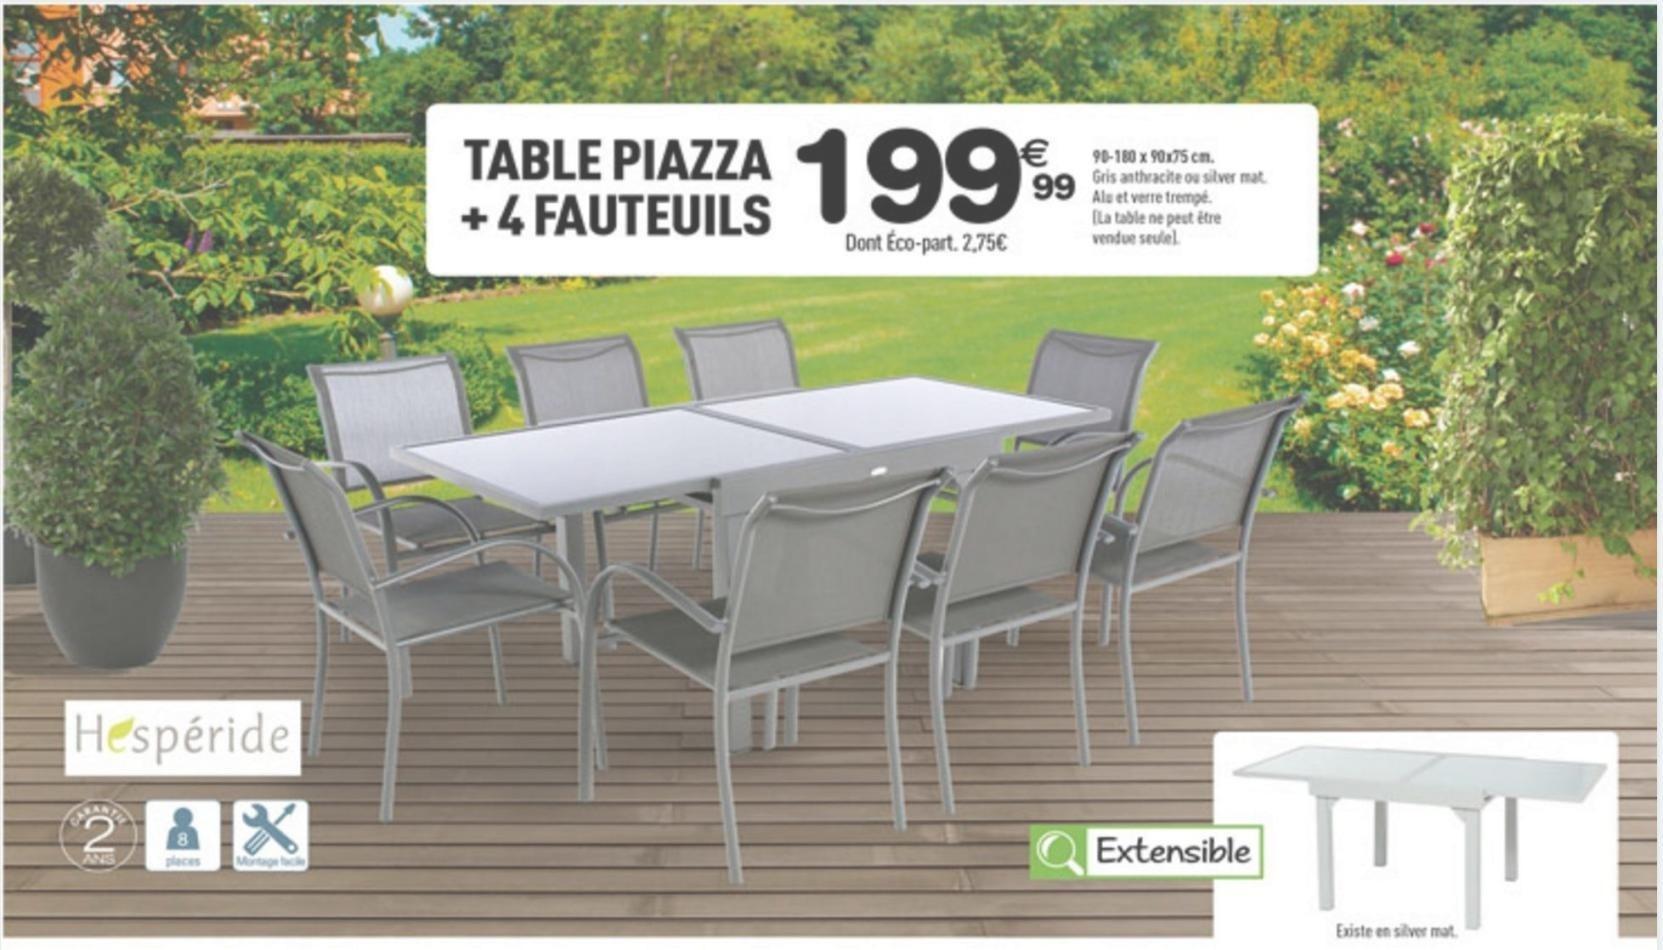 Table Centrakor Table De Table Centrakor De Hesperide ... tout Salon De Jardin Centrakor 2019